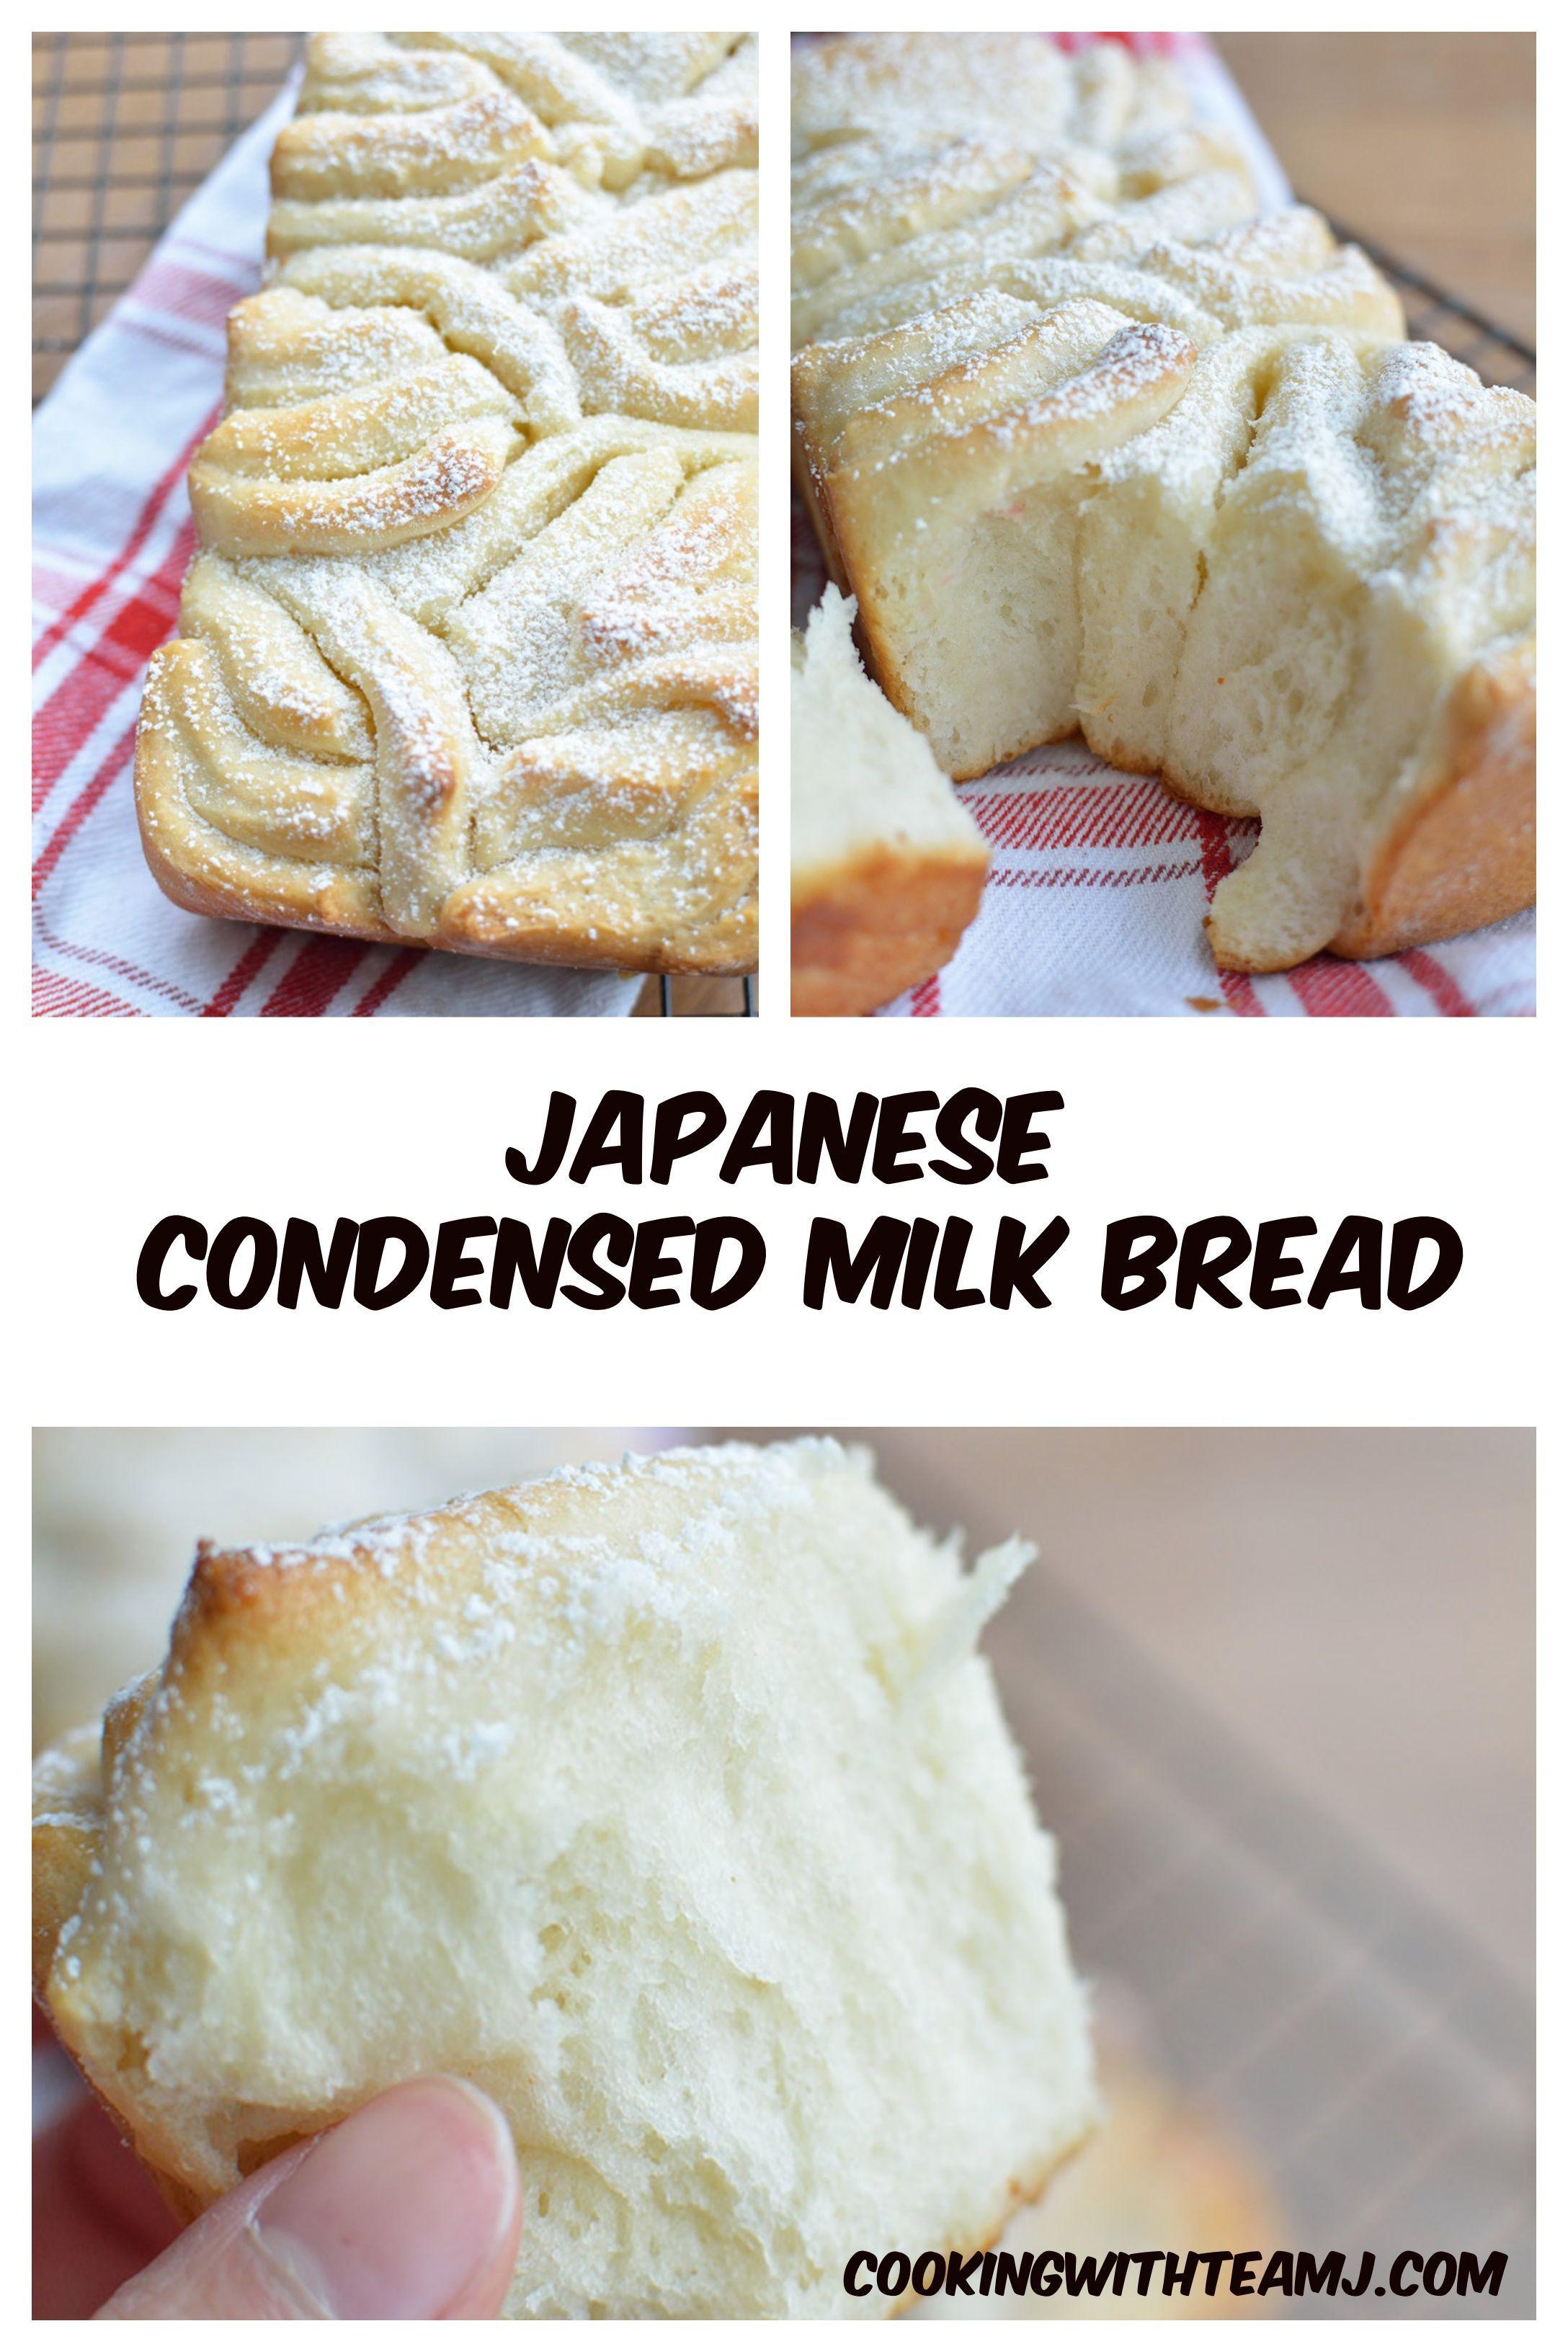 Japanese Condensed Milk Bread Recipe In 2020 Milk Bread Recipe Bread Recipes Homemade Milk Recipes